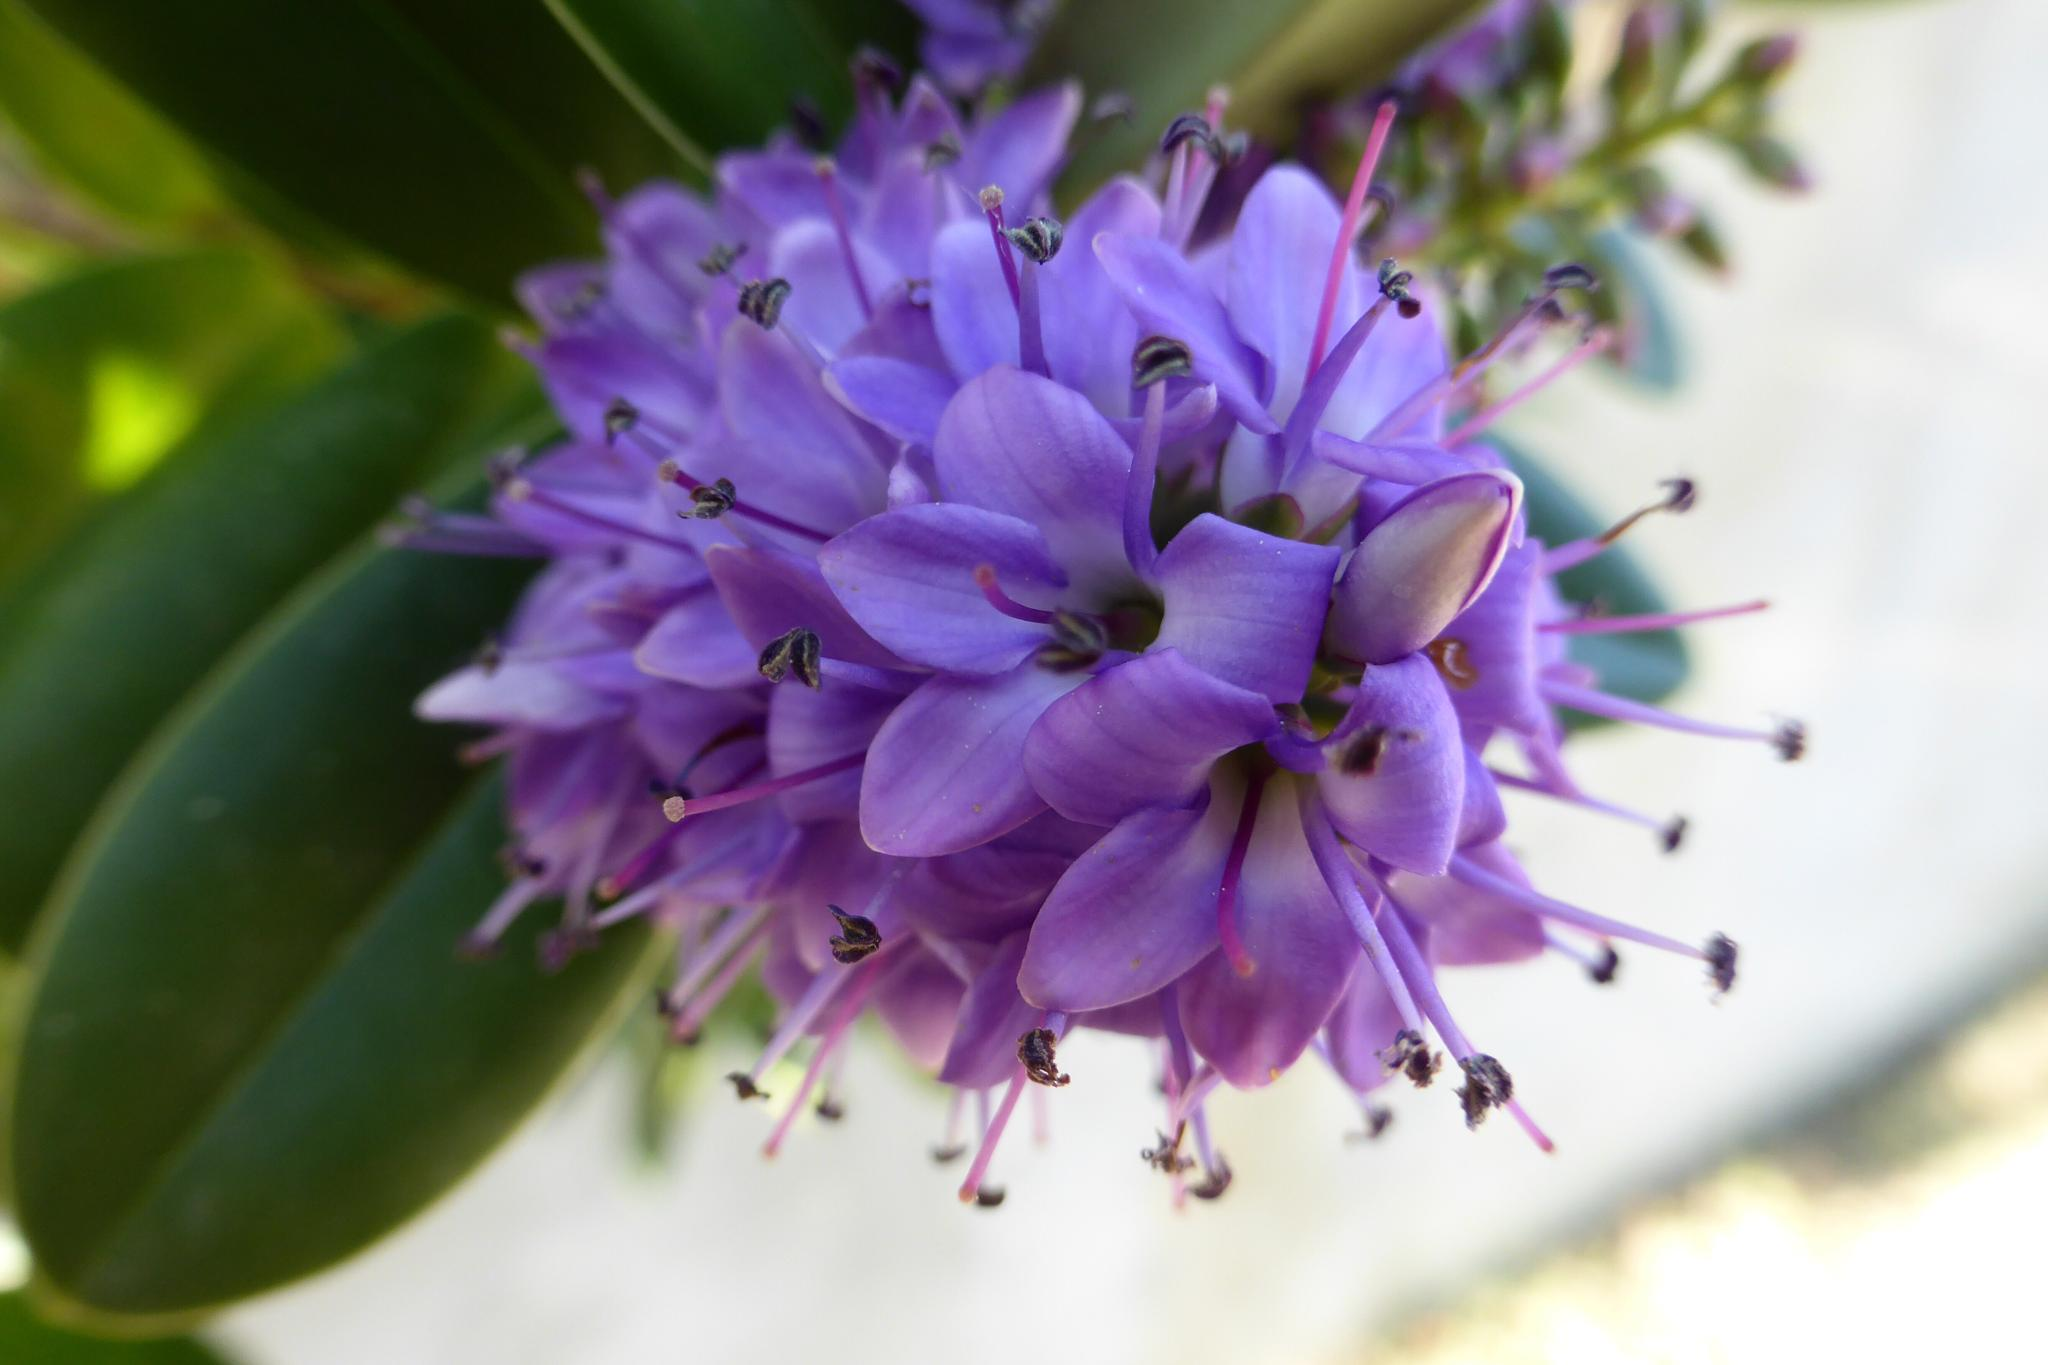 Unknown violet flower by mirella.barteloni